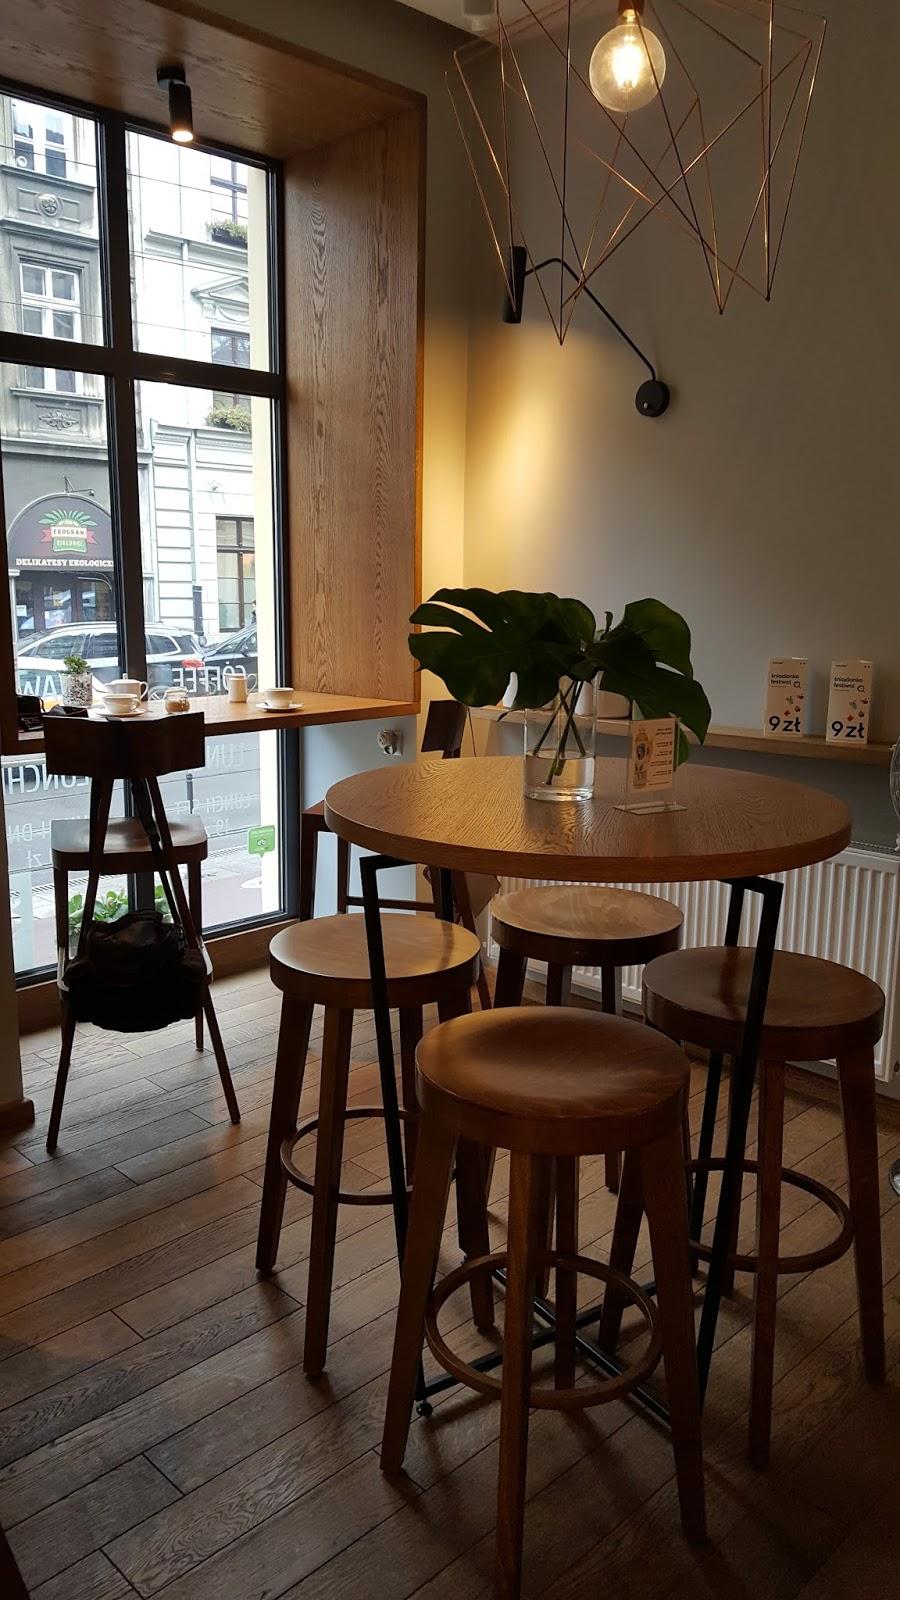 mo-ja cafe kraków starowiślna, minimalistyczne wnętrze kawiarni